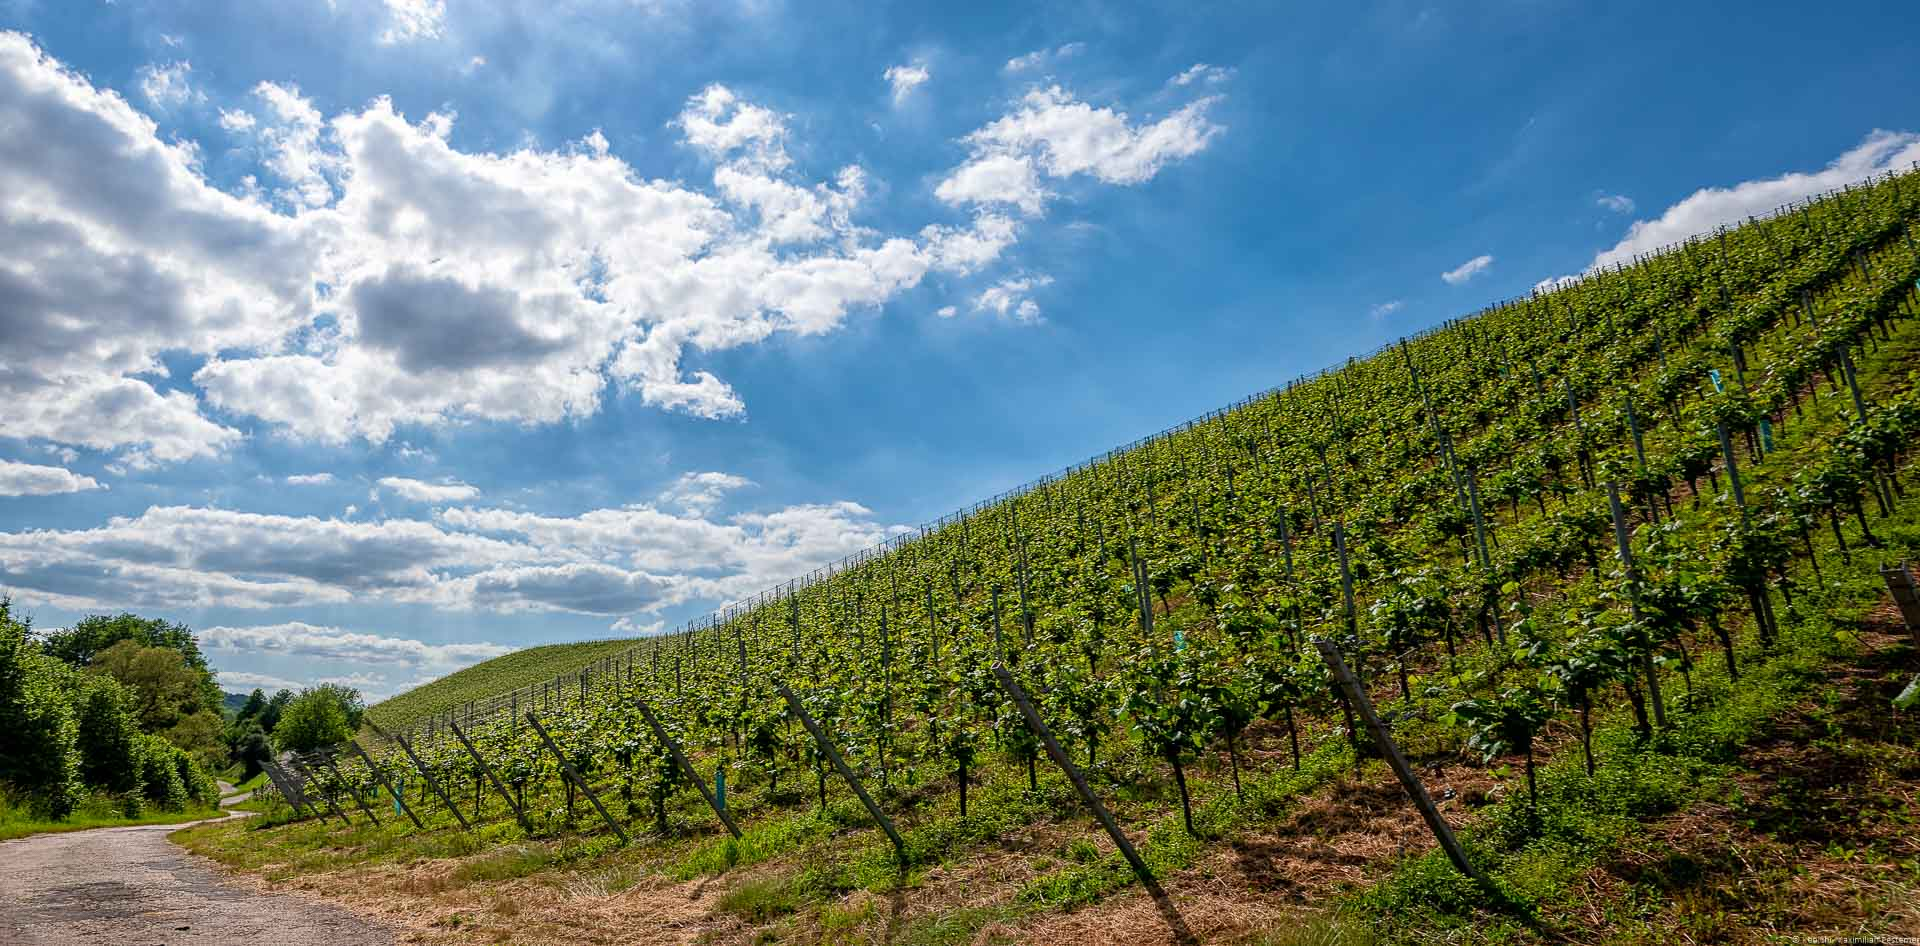 Auf der rechten Seite ist ein steiler Weinberg. Oben sind Wolken.